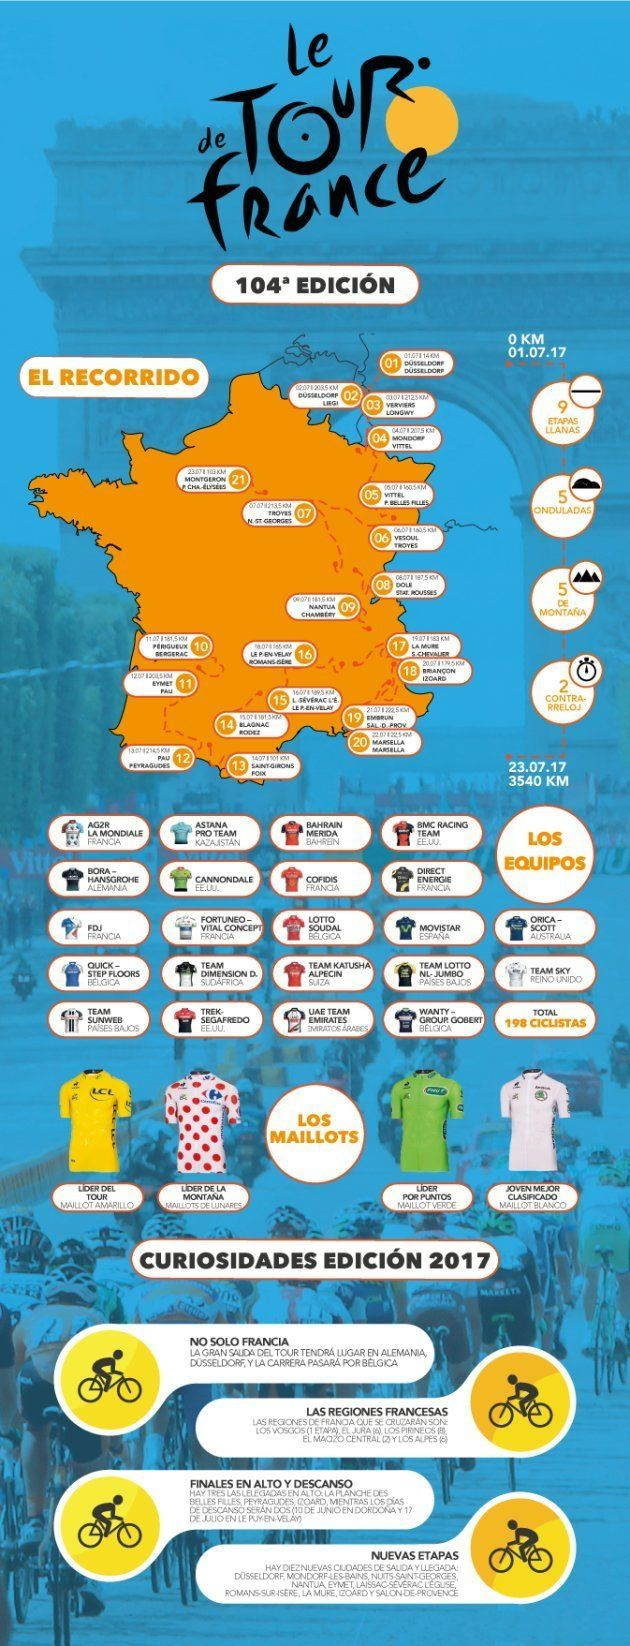 Las claves del Tour de Francia, resumidas en una